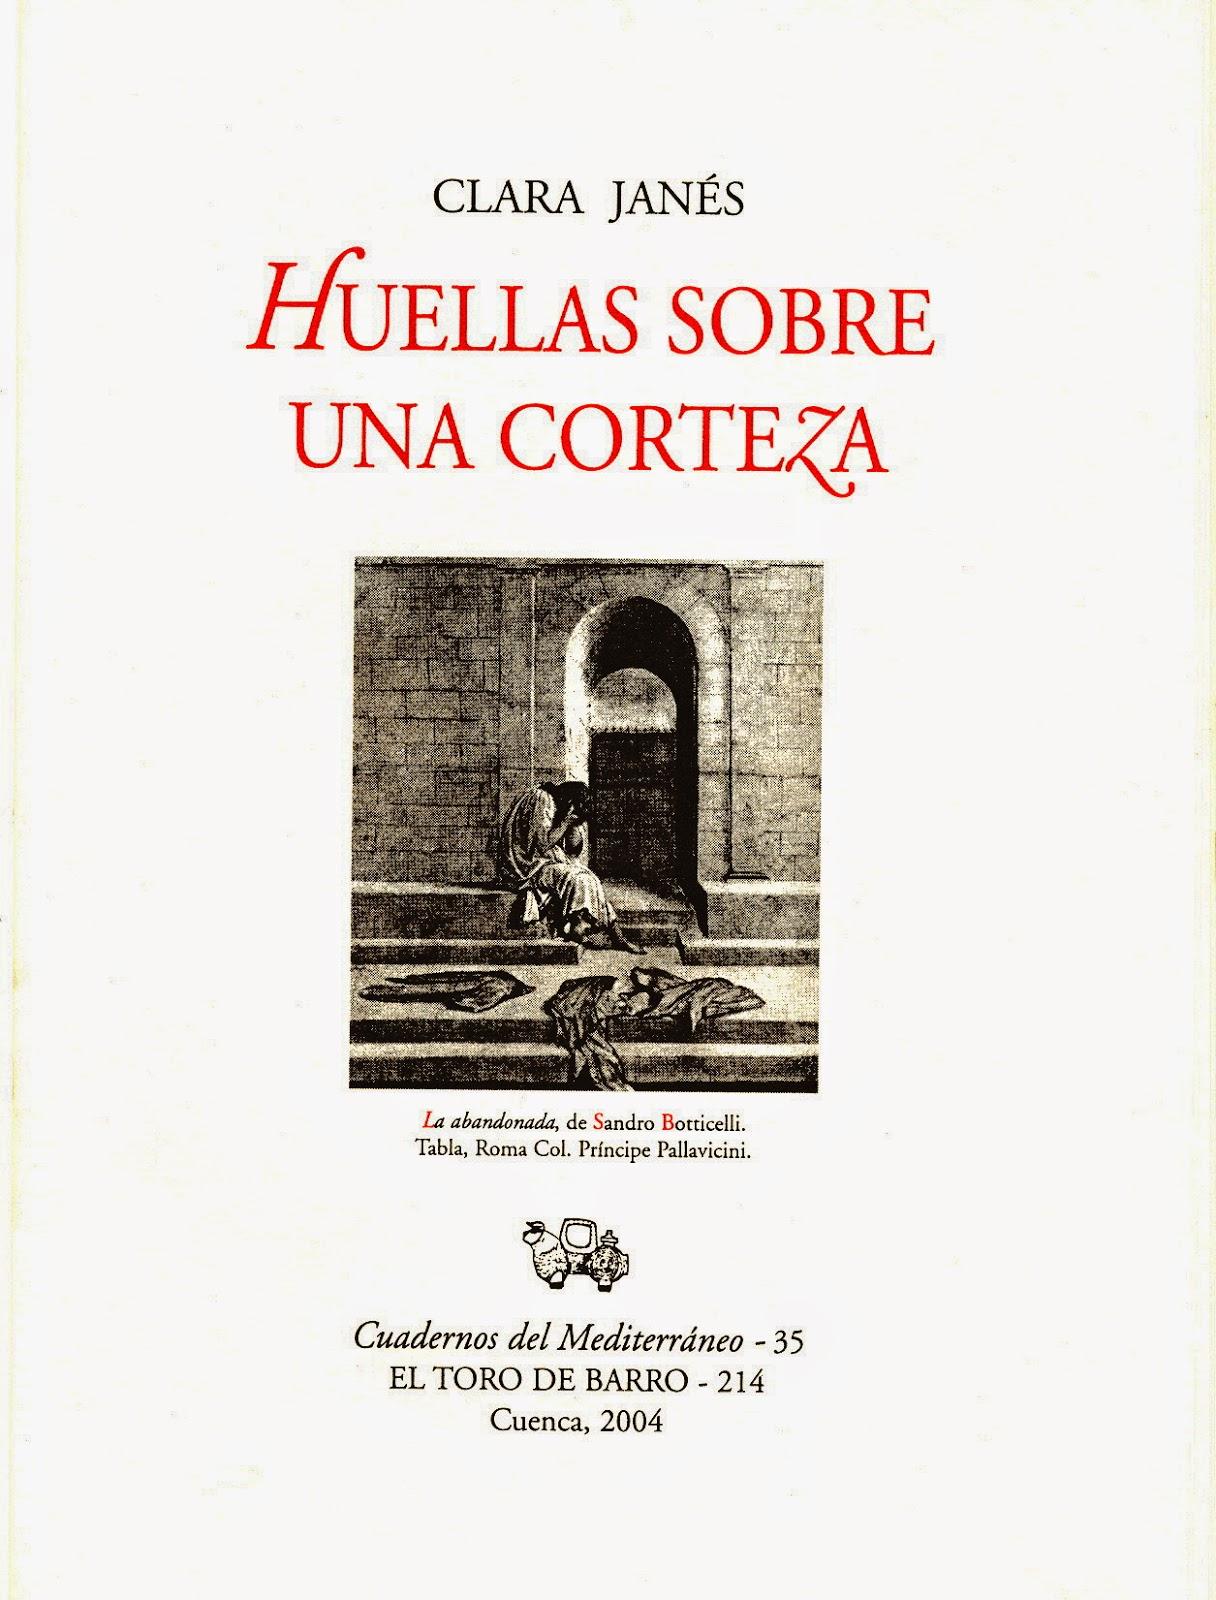 """Clara Janés, """"Huellas sobre una corteza"""". Col «Cuadernos del Mediterráneo»,. Carlos Morales Ed. Ed. El Toro de Barro, Tarancón de Cuenca 2004."""